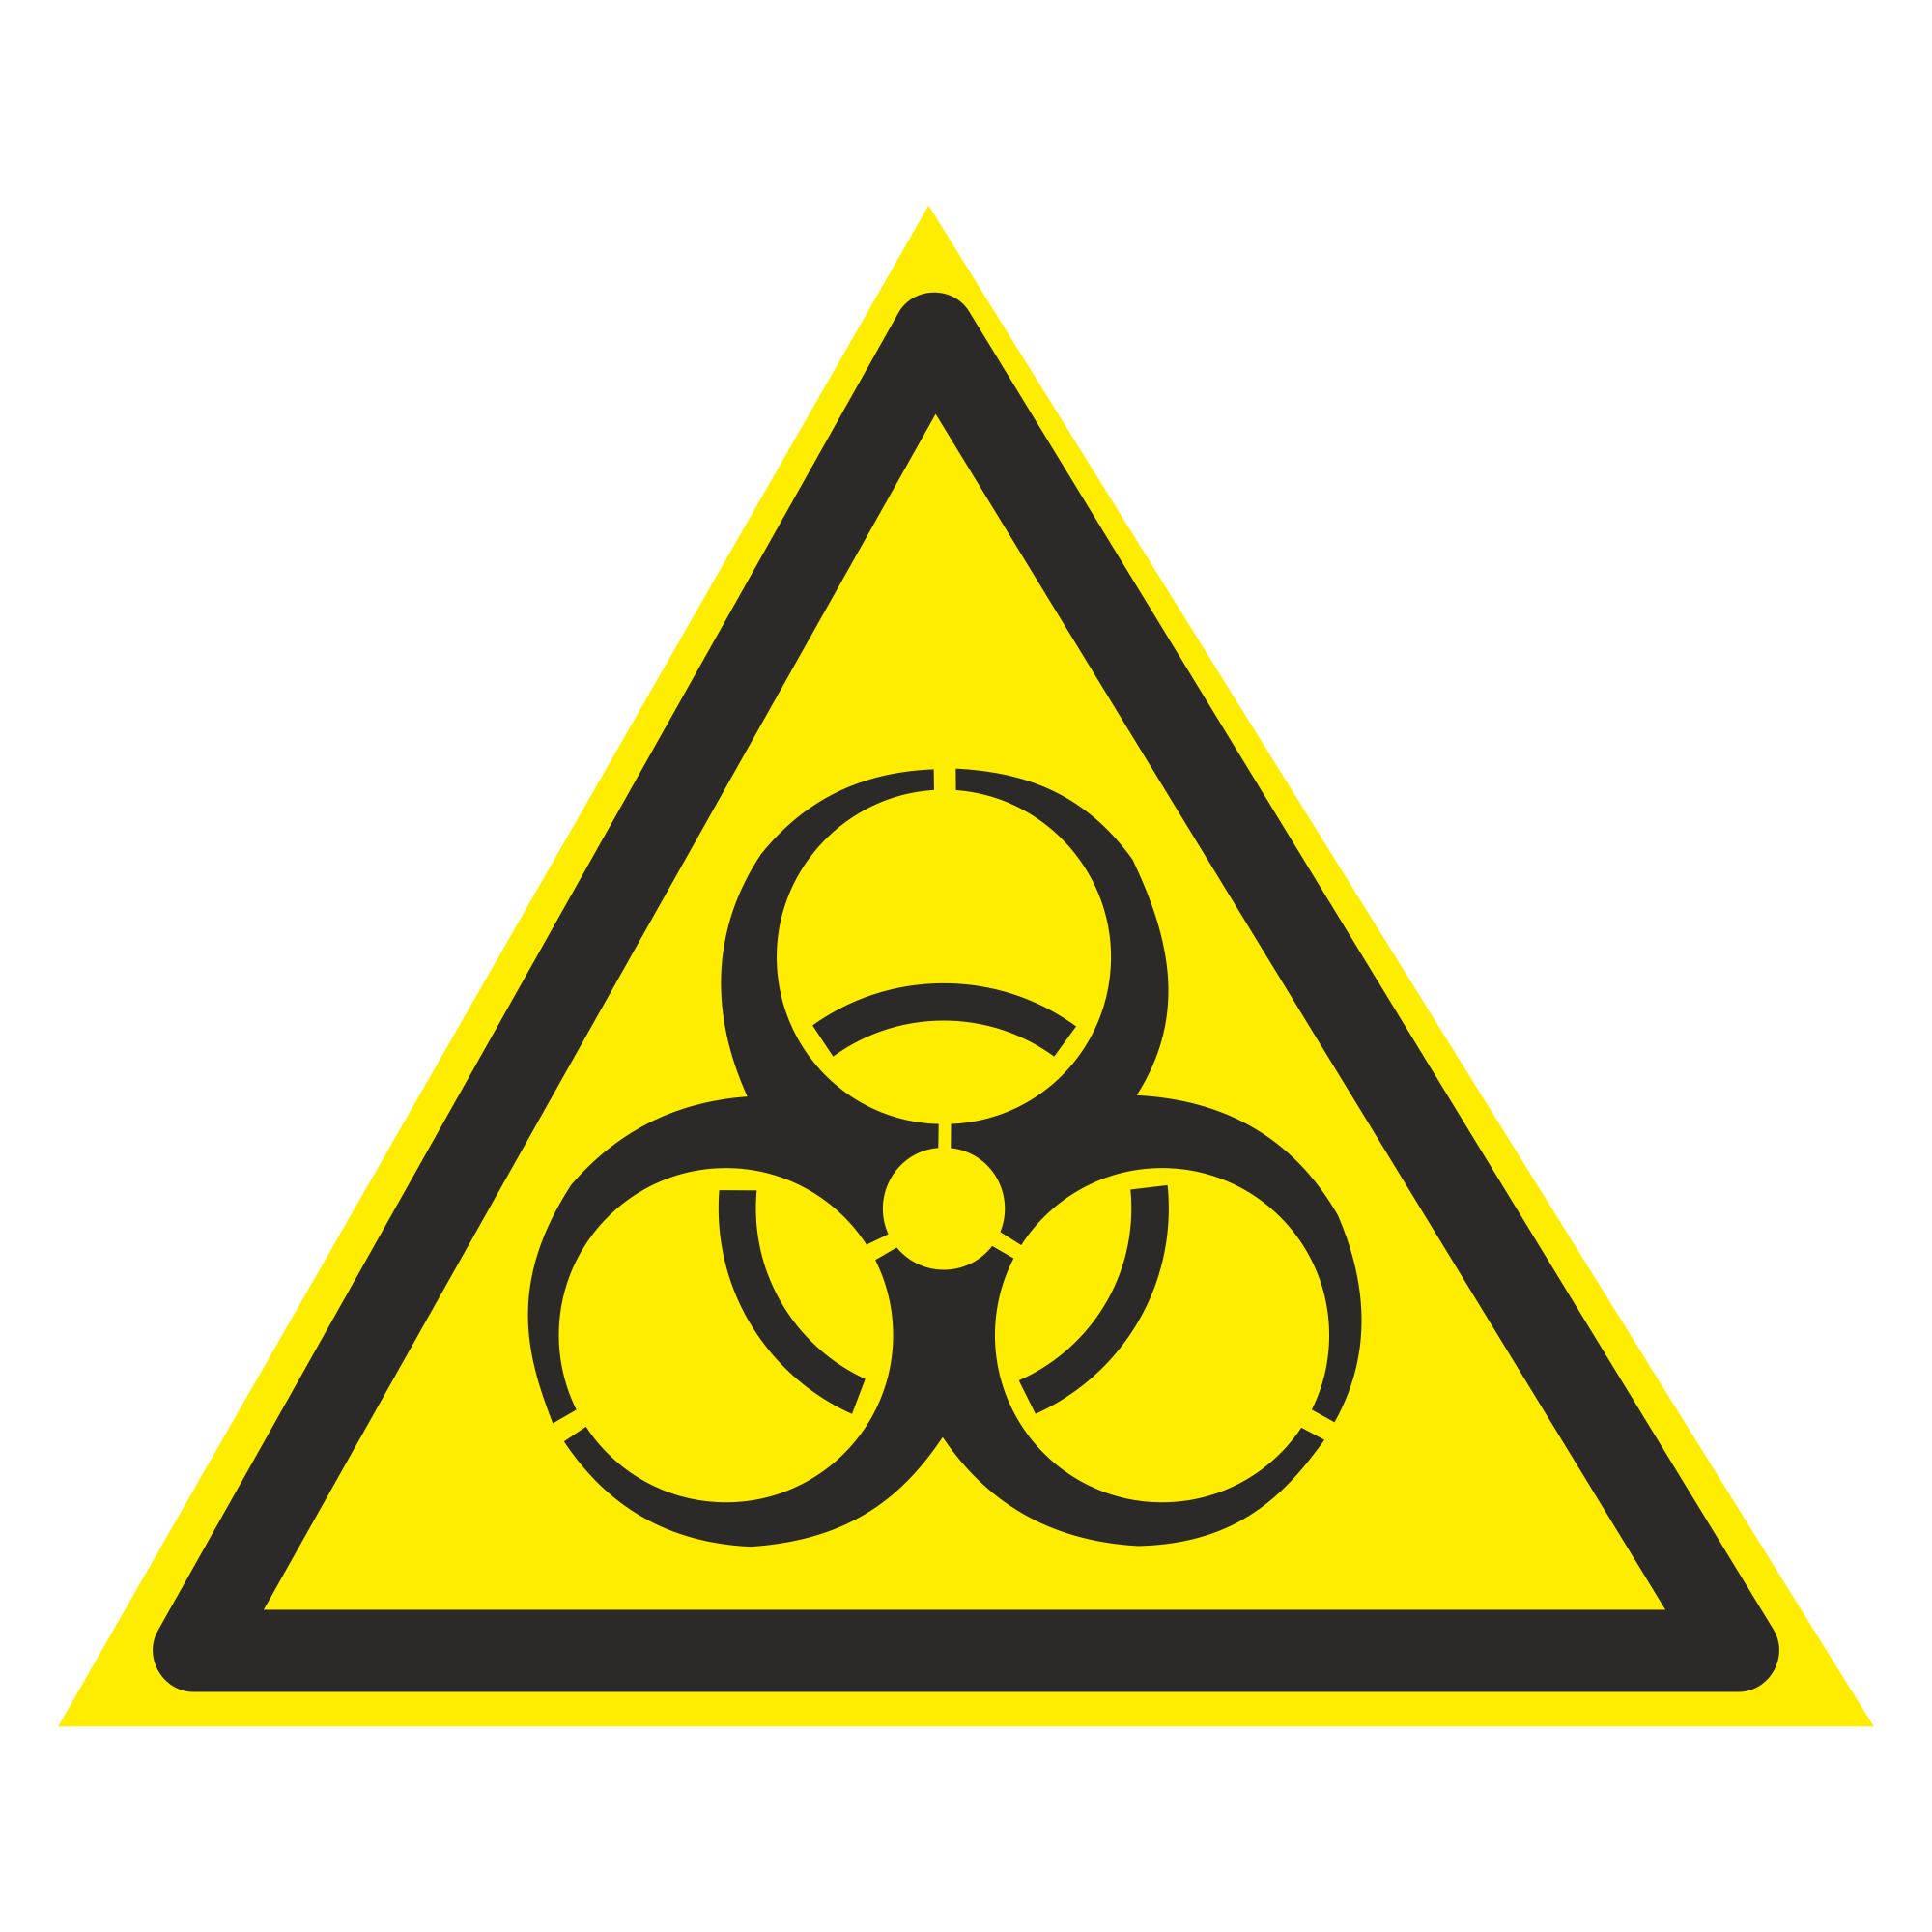 W16 Осторожно. Биологическая опасность